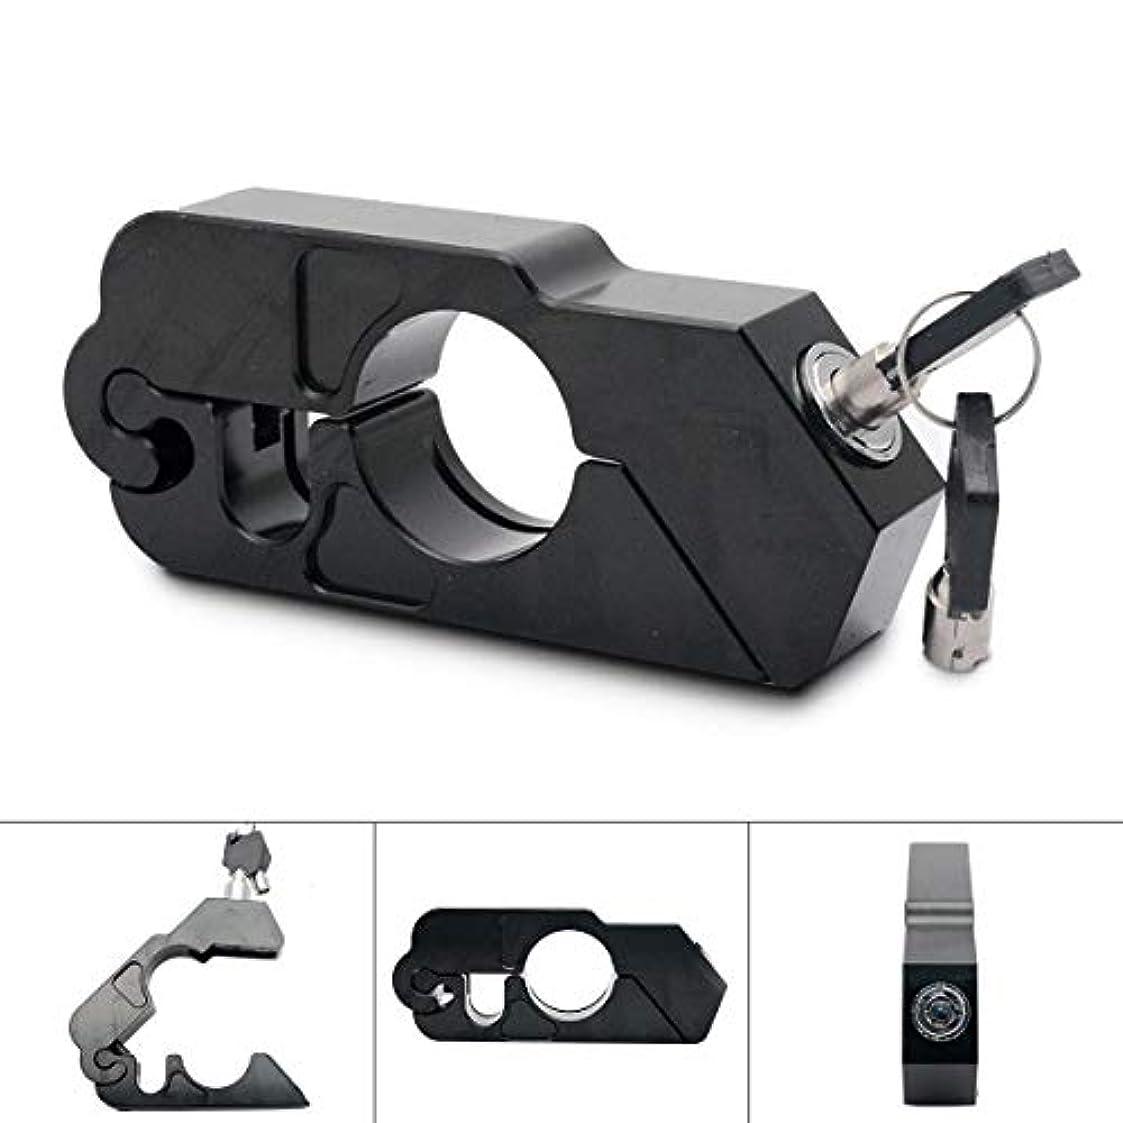 違法バット期限切れオートバイグリップロック - 自転車、スクーター、モペットまたはATVを固定する2つのキーを備えたユニバーサルアルミCNCオートバイハンドルのスロットルグリップセキュリティロック 盗難防止 アクセルロック- ブラック